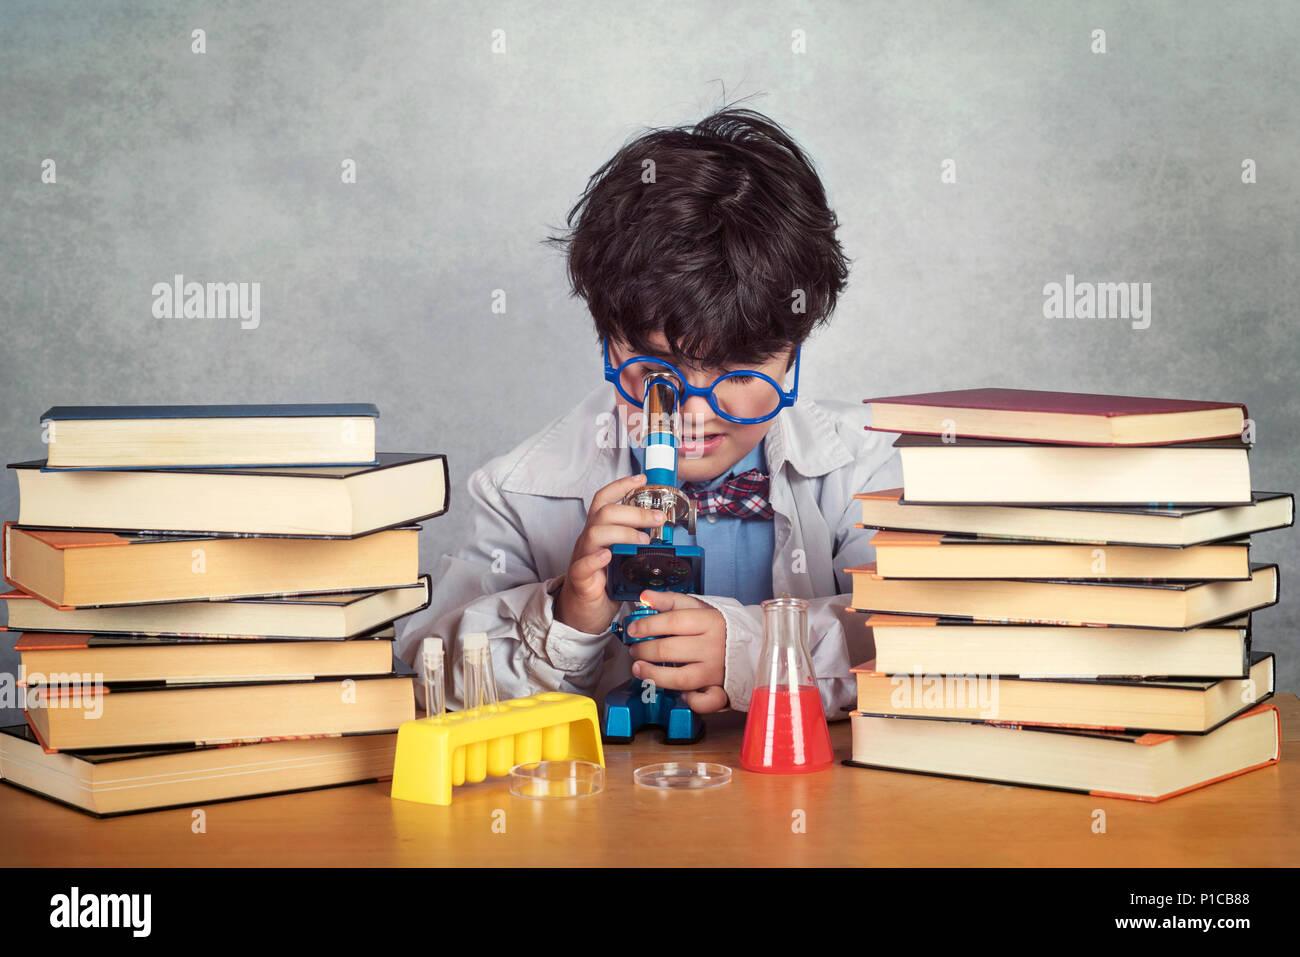 Il ragazzo sta facendo esperimenti scientifici su sfondo grigio Immagini Stock